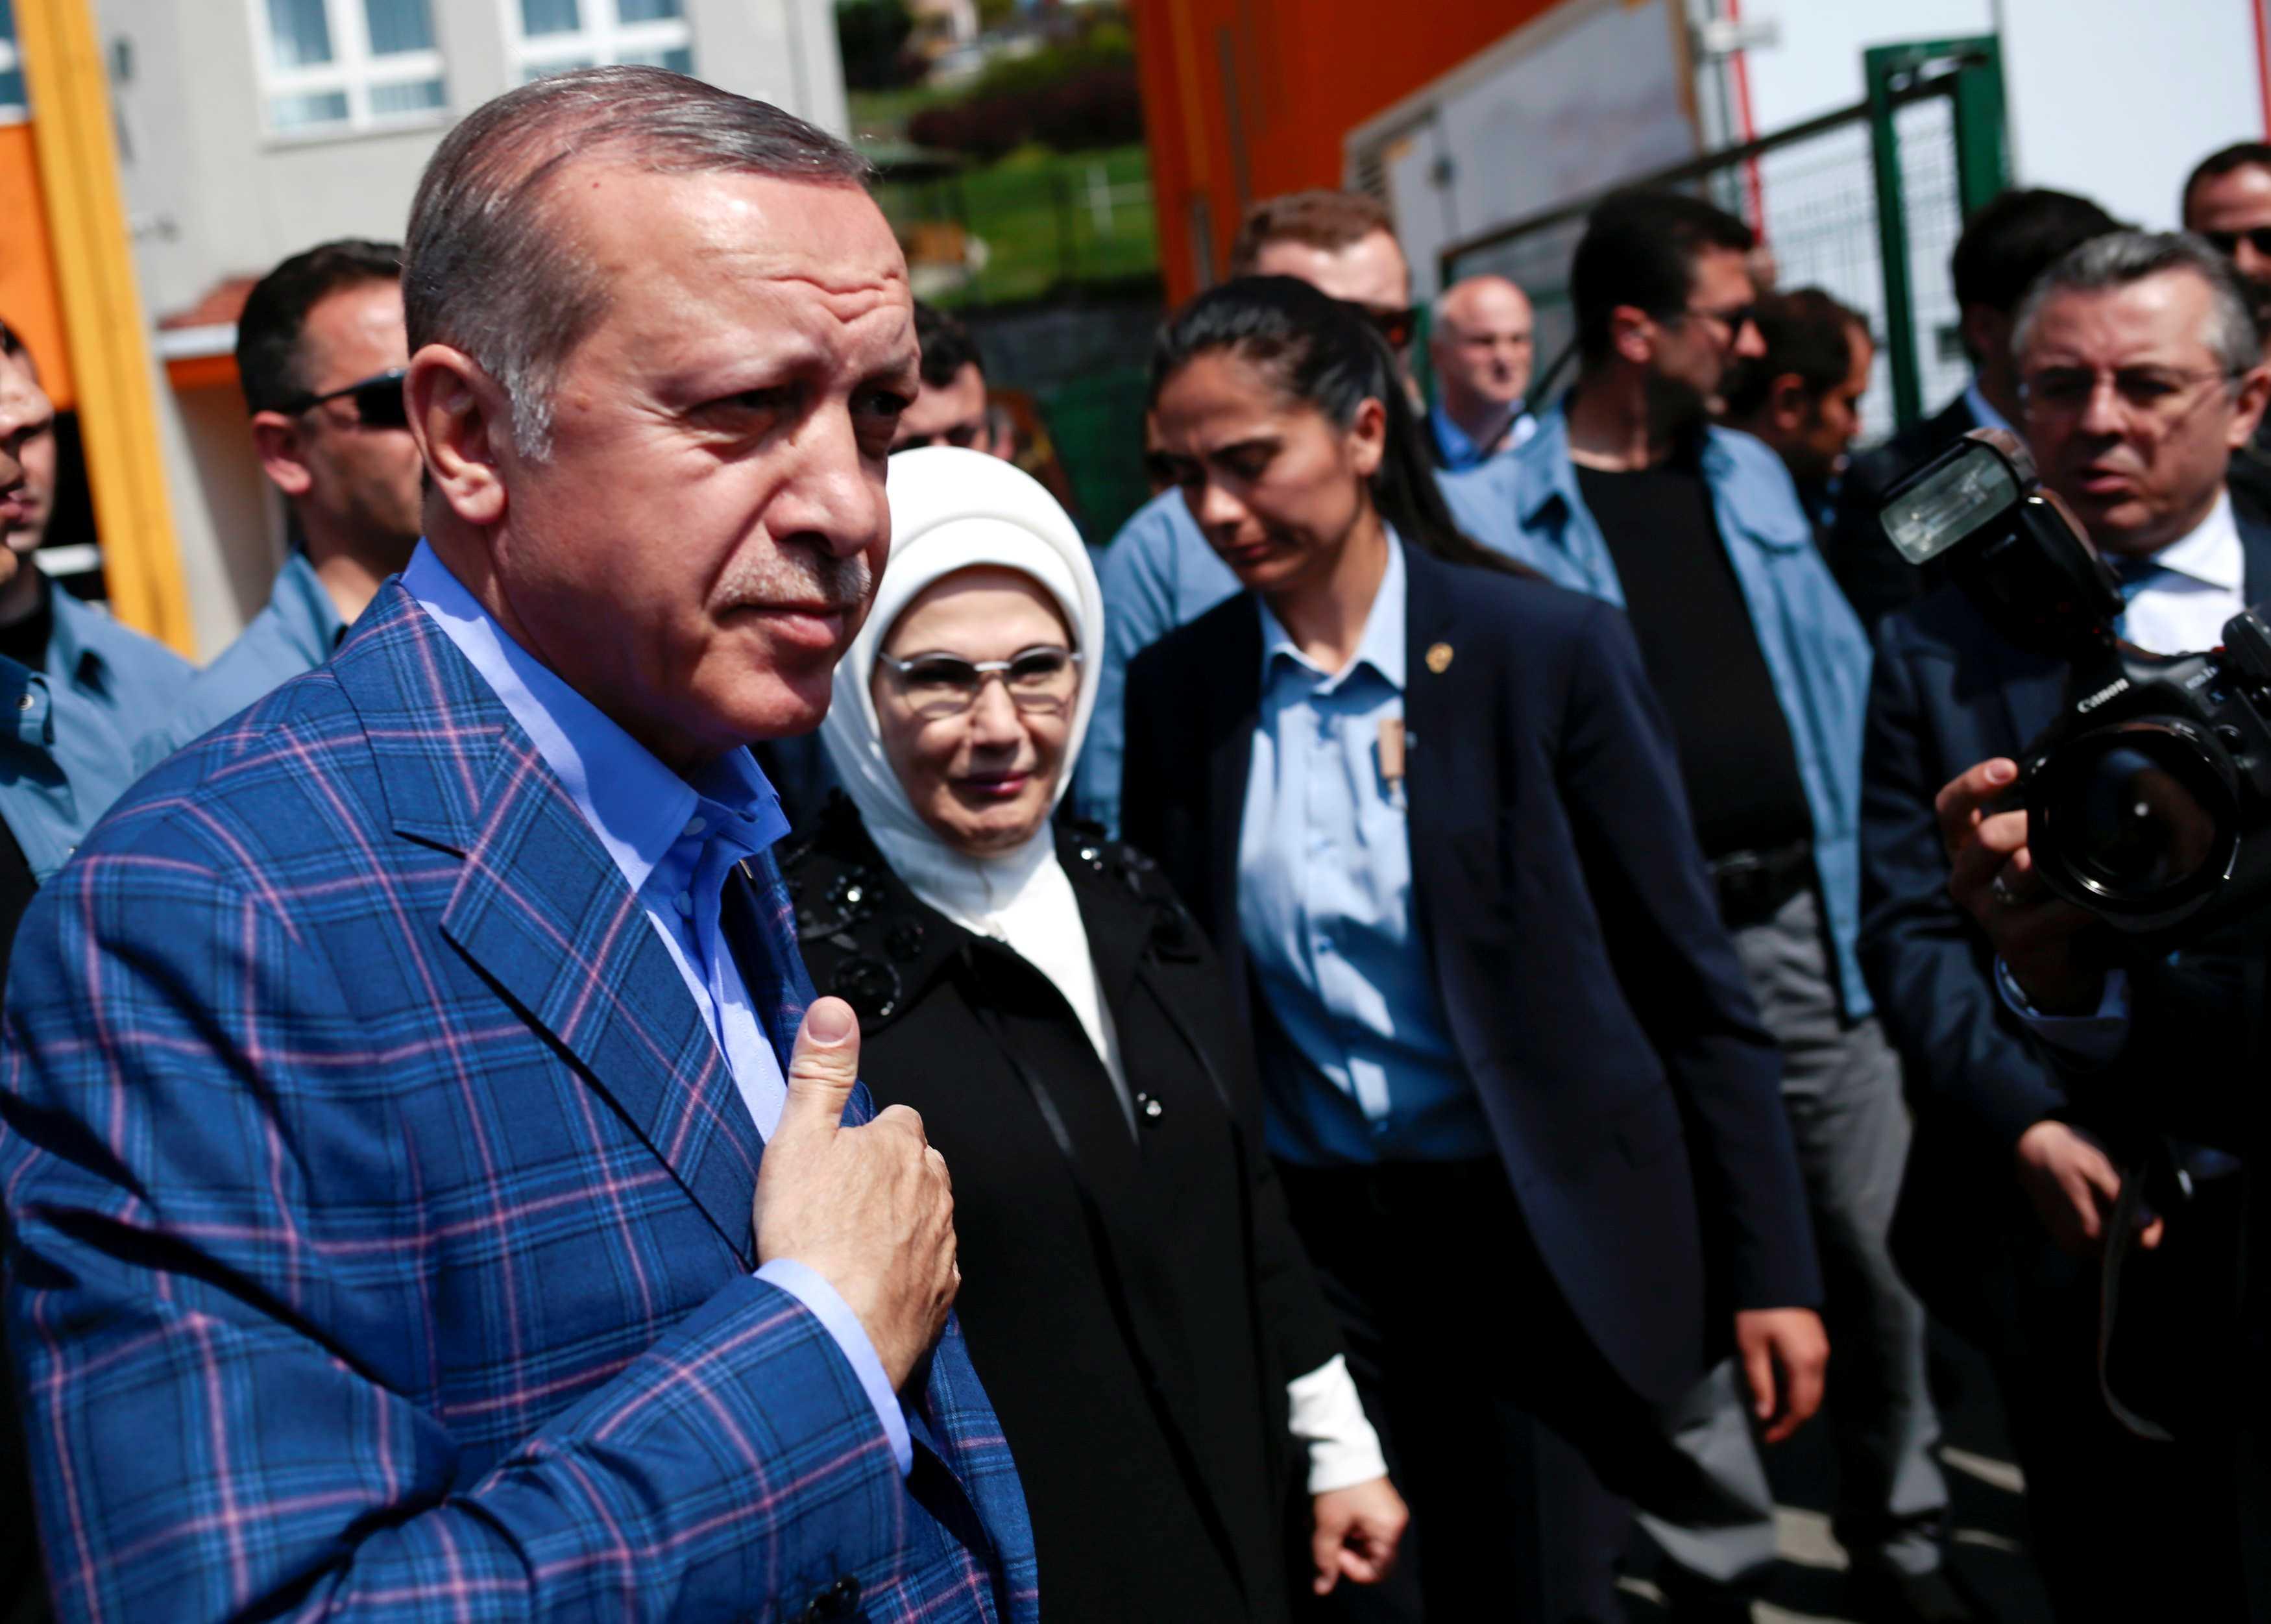 Cumhurbaşkanı+Erdoğan+o%C4%B1unu+%C3%BCsk%C3%BCdar%E2%80%99da+kullandı